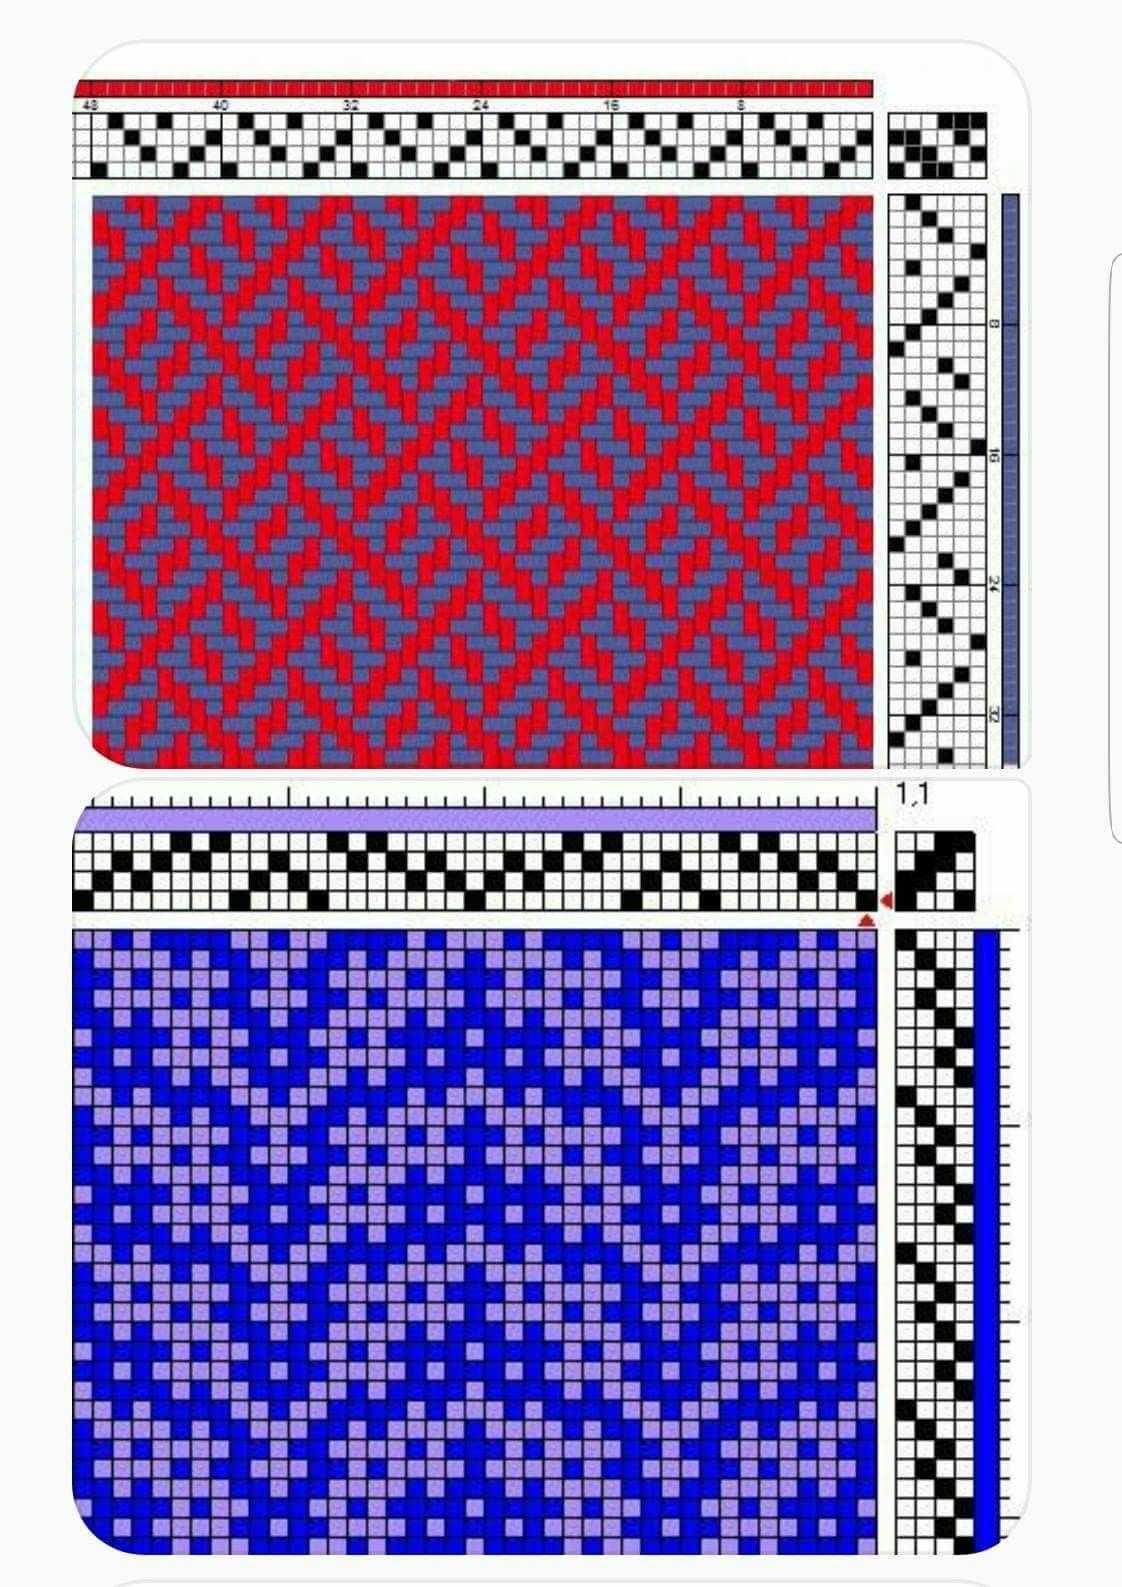 Pin By Andrea Kolowrat On Weaving Projects All Loom Types Loom Weaving Weaving Loom Projects Hand Weaving